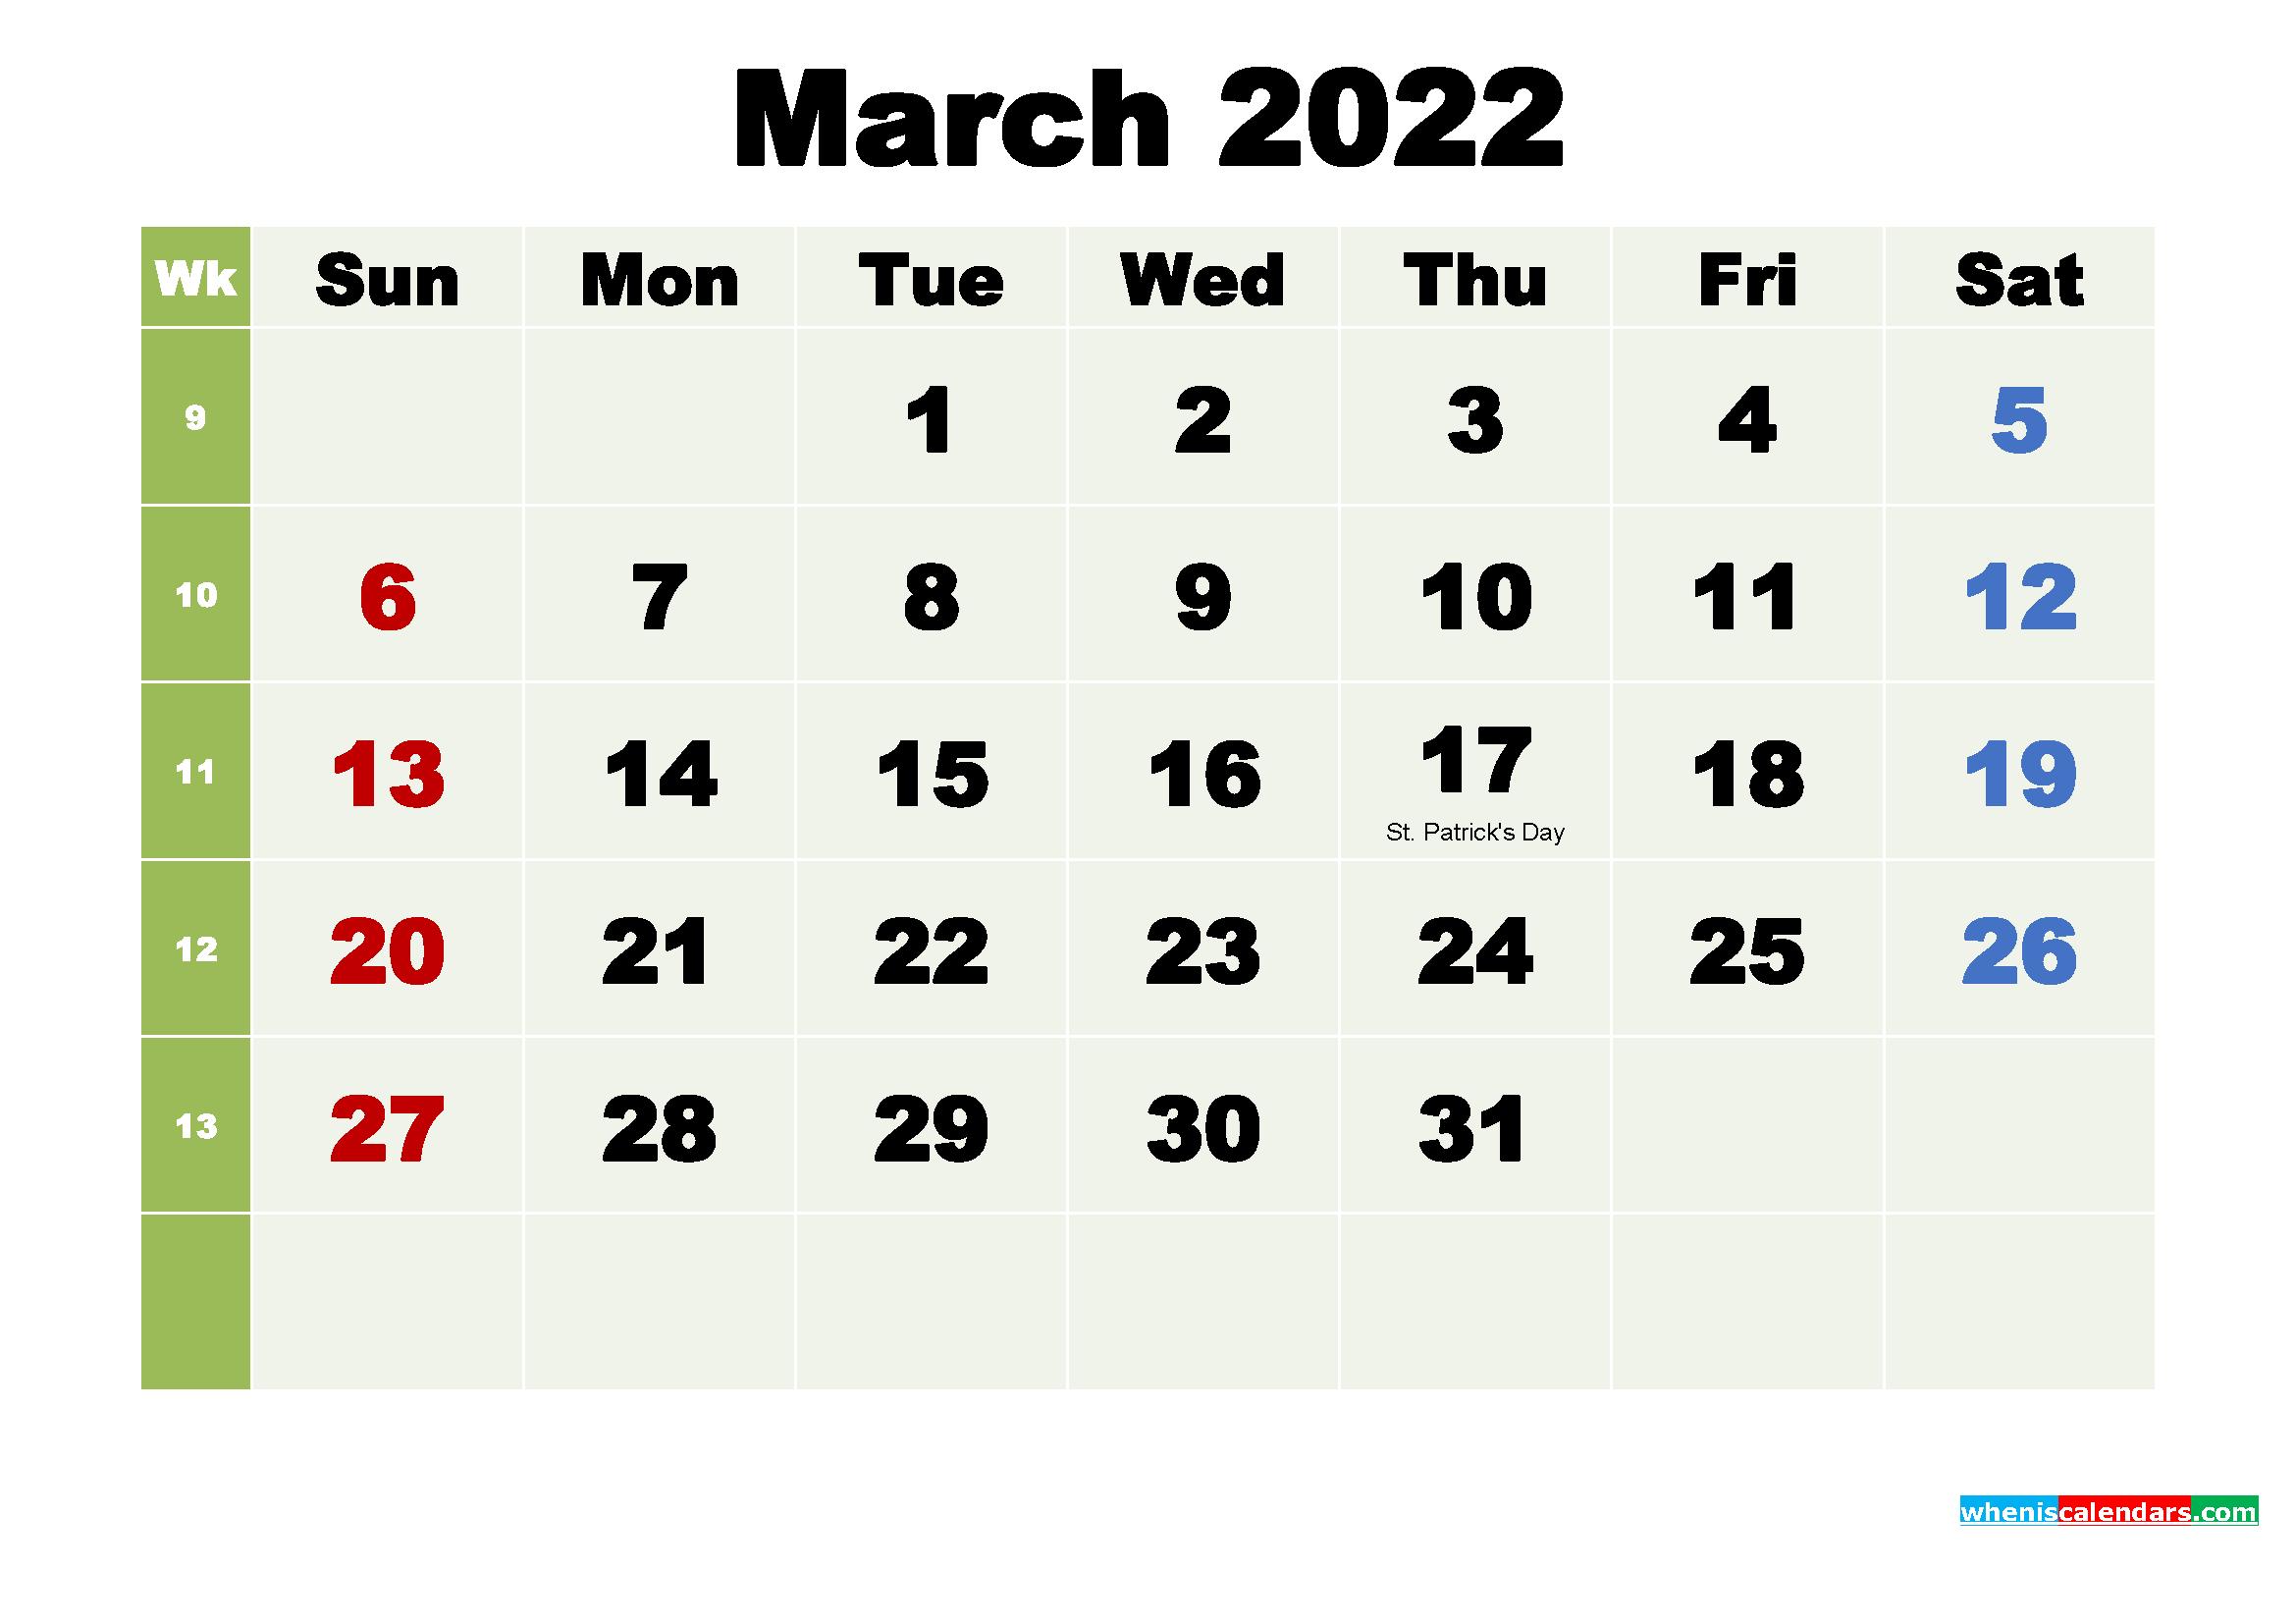 March 2022 Calendar Wallpaper High Resolution